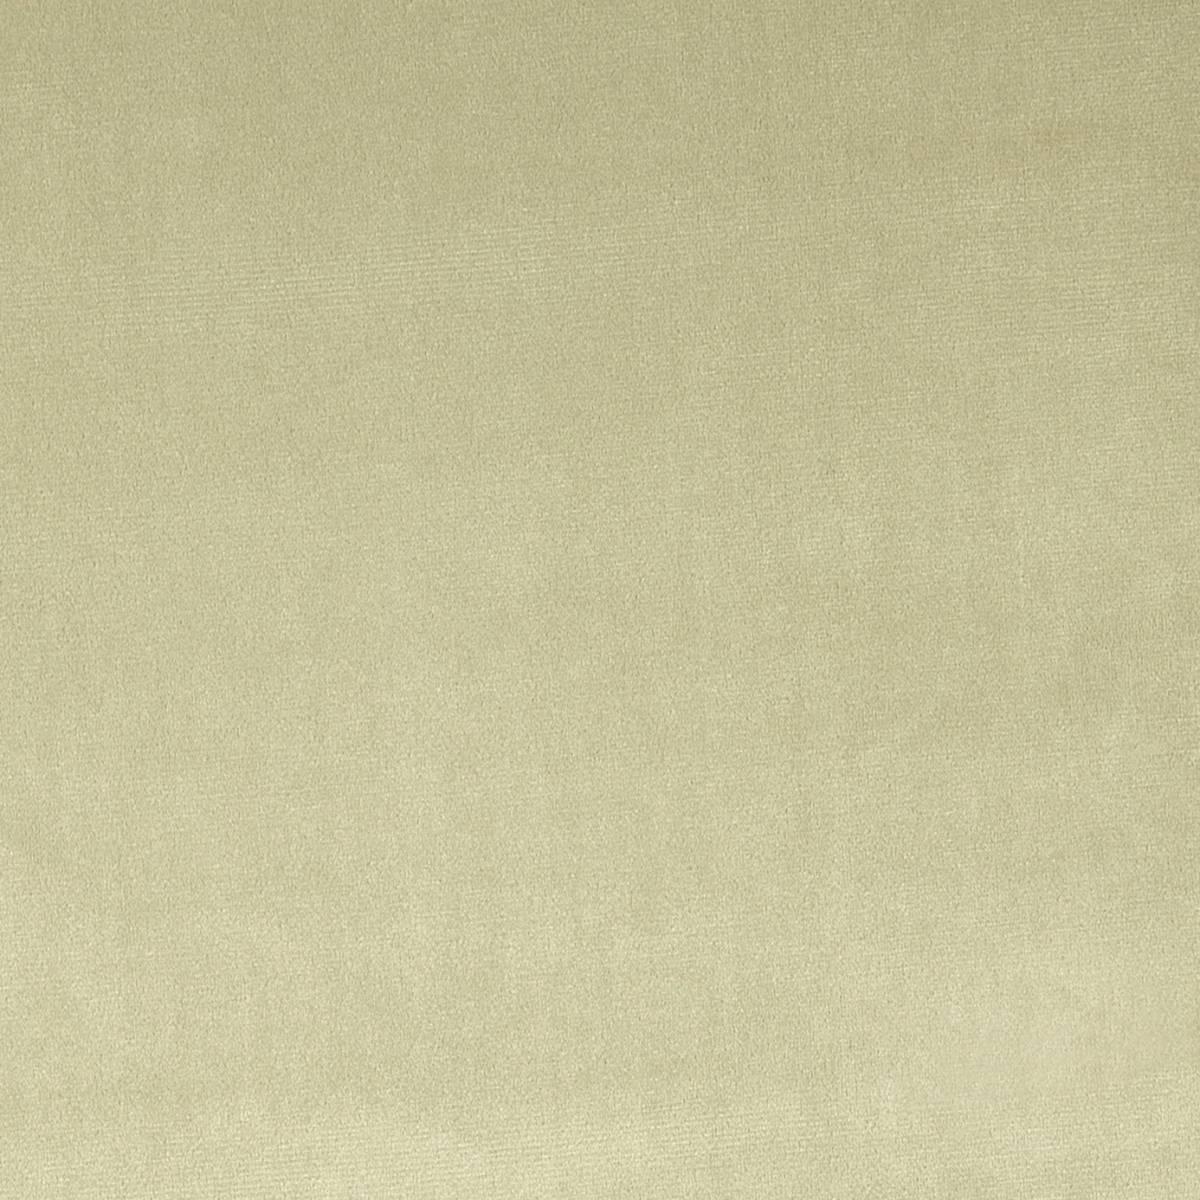 Velour Fabric Stone 7150 531 Prestigious Textiles